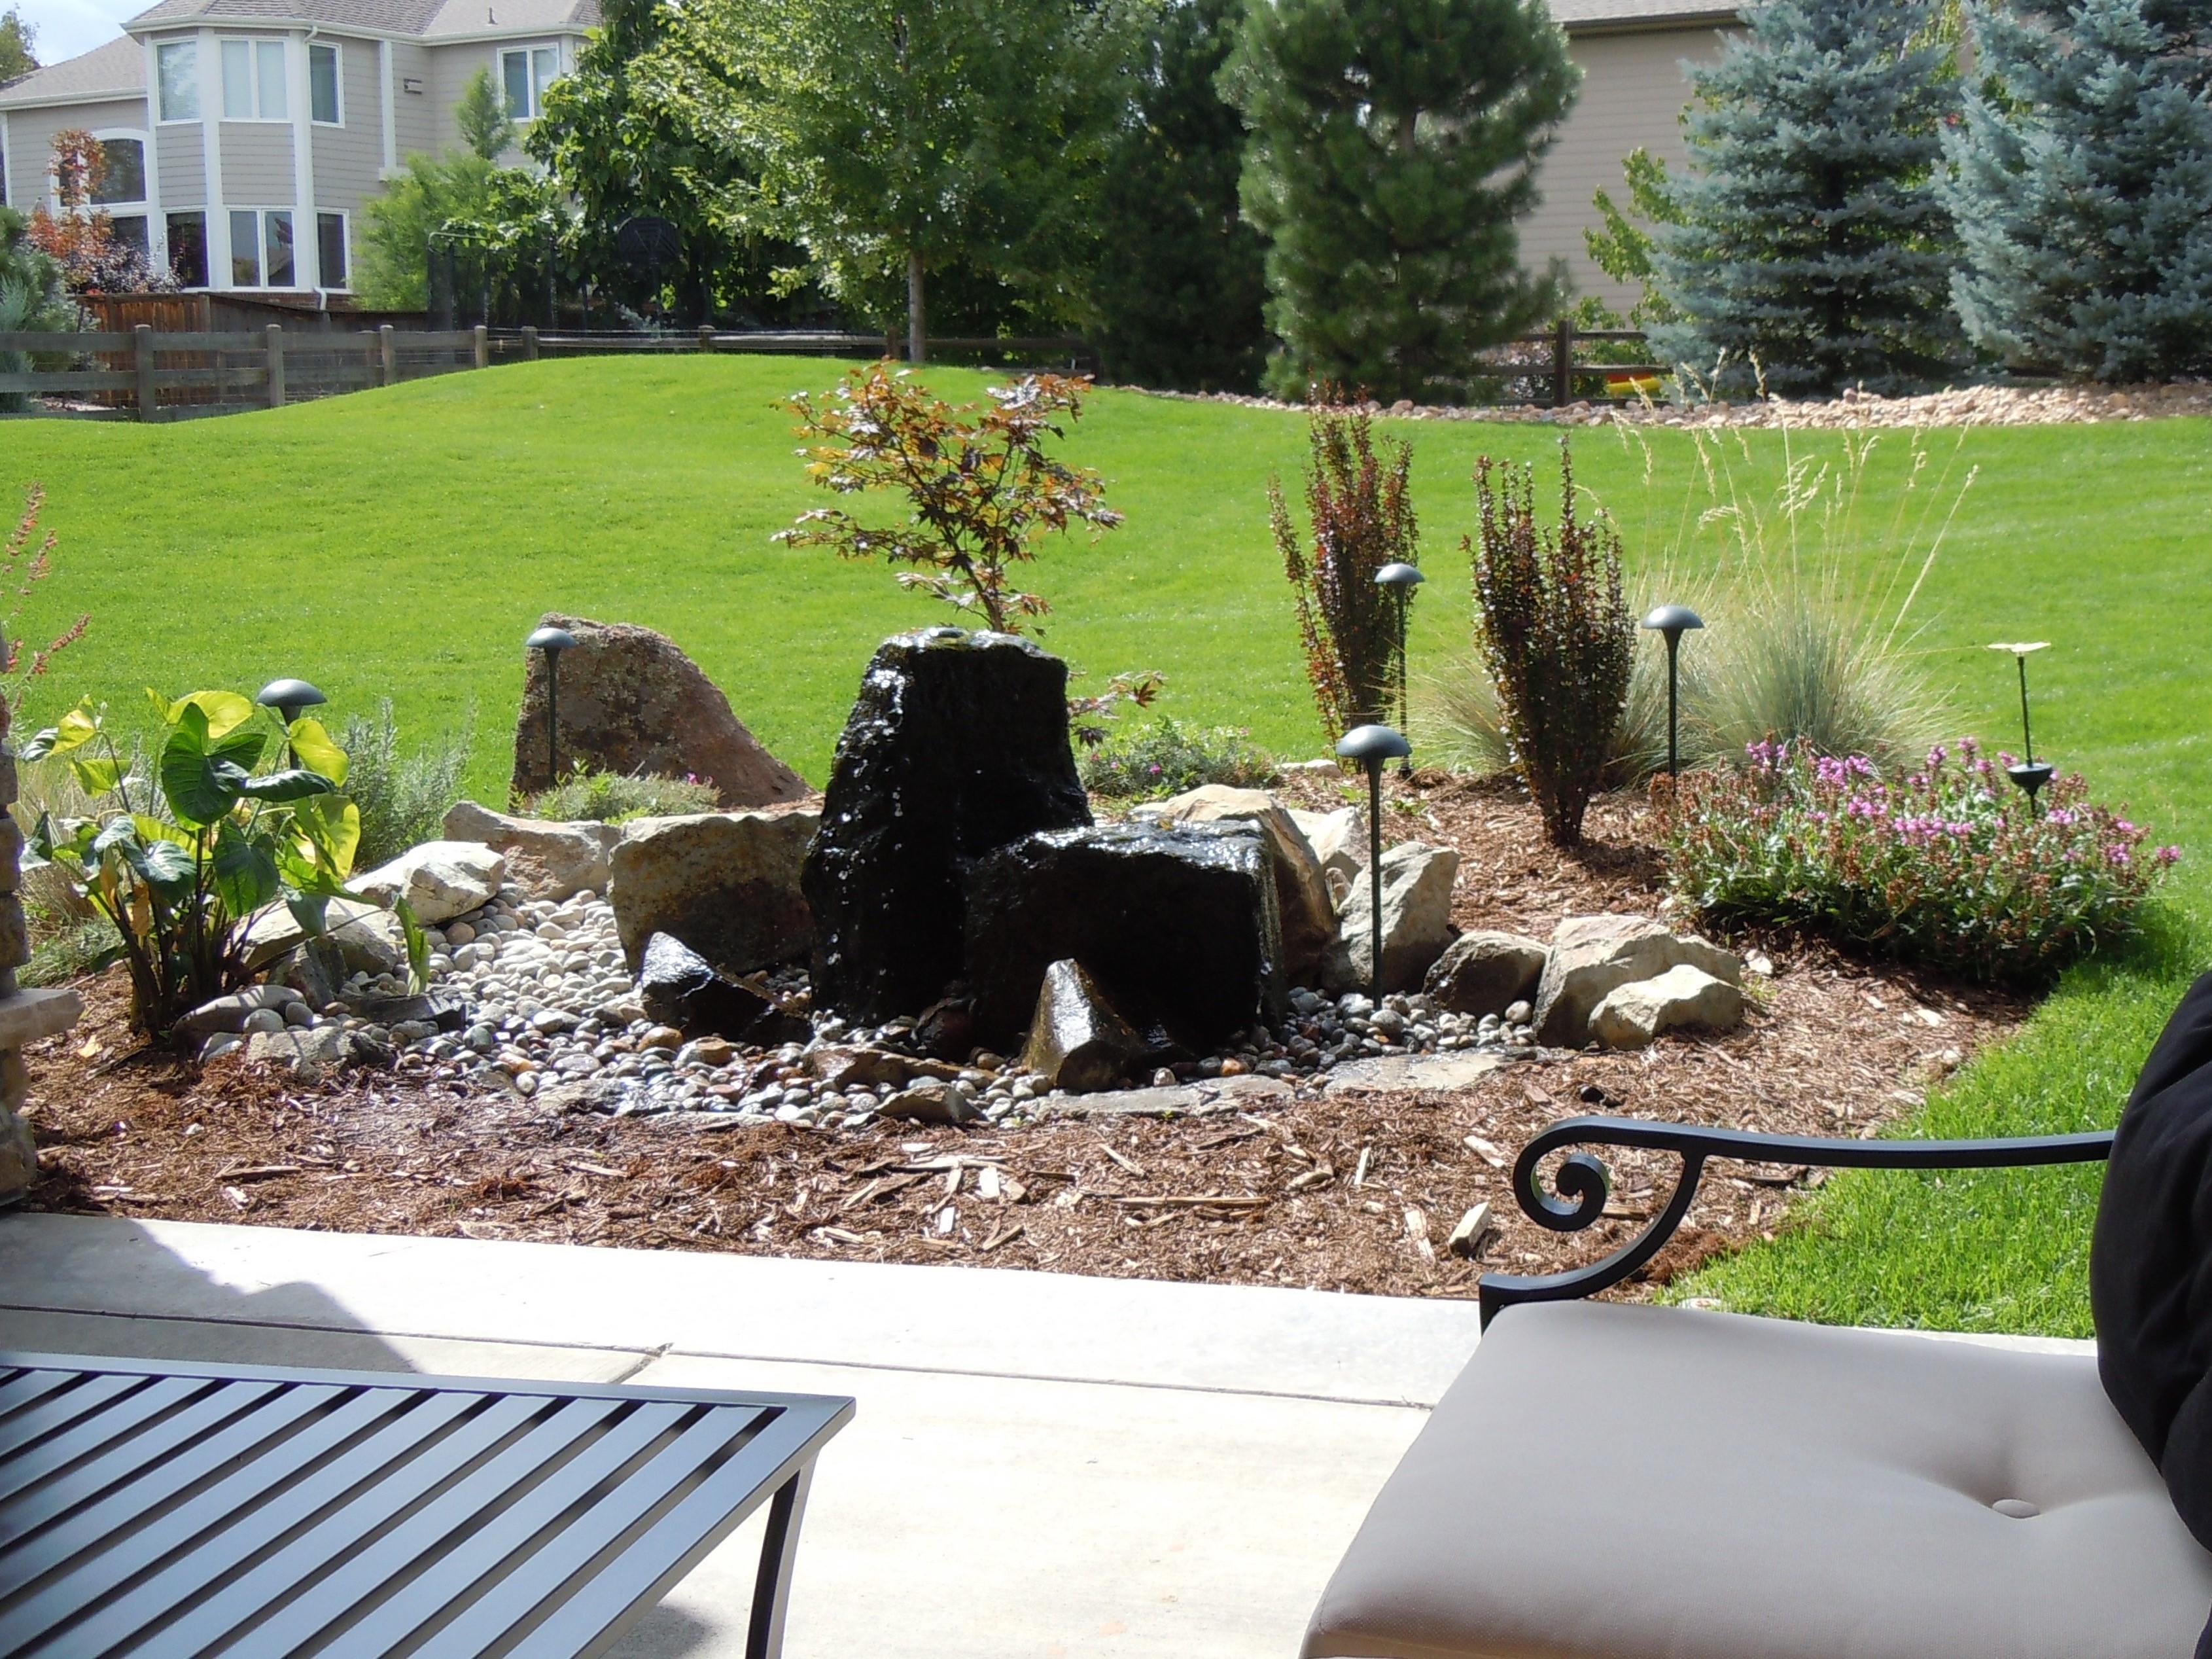 Landscape lighting dunlap electric for Lawn landscaping